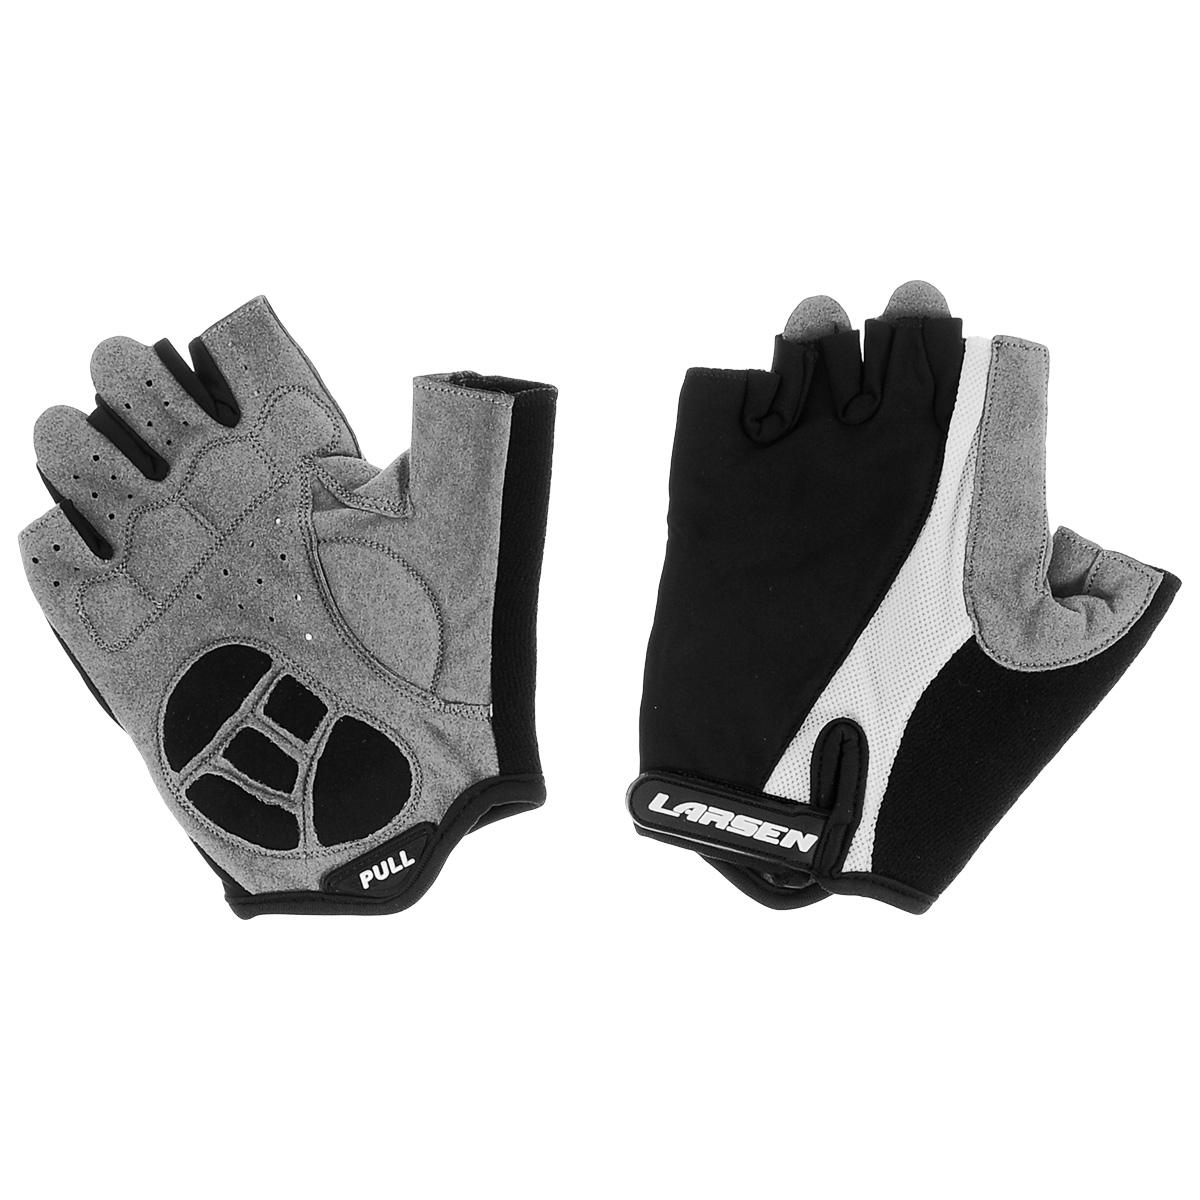 Велоперчатки Larsen, цвет: черный, серый, белый. Размер XL. 01-122601-1226Велоперчатки Larsen выполнены из высококачественного нейлона и амары. На ладонях расположены мягкие вставки для повышенного сцепления и системой Pull Off на пальцах. Застежка Velcro надежно фиксирует перчатки на руке. Сетка способствует хорошей вентиляции.